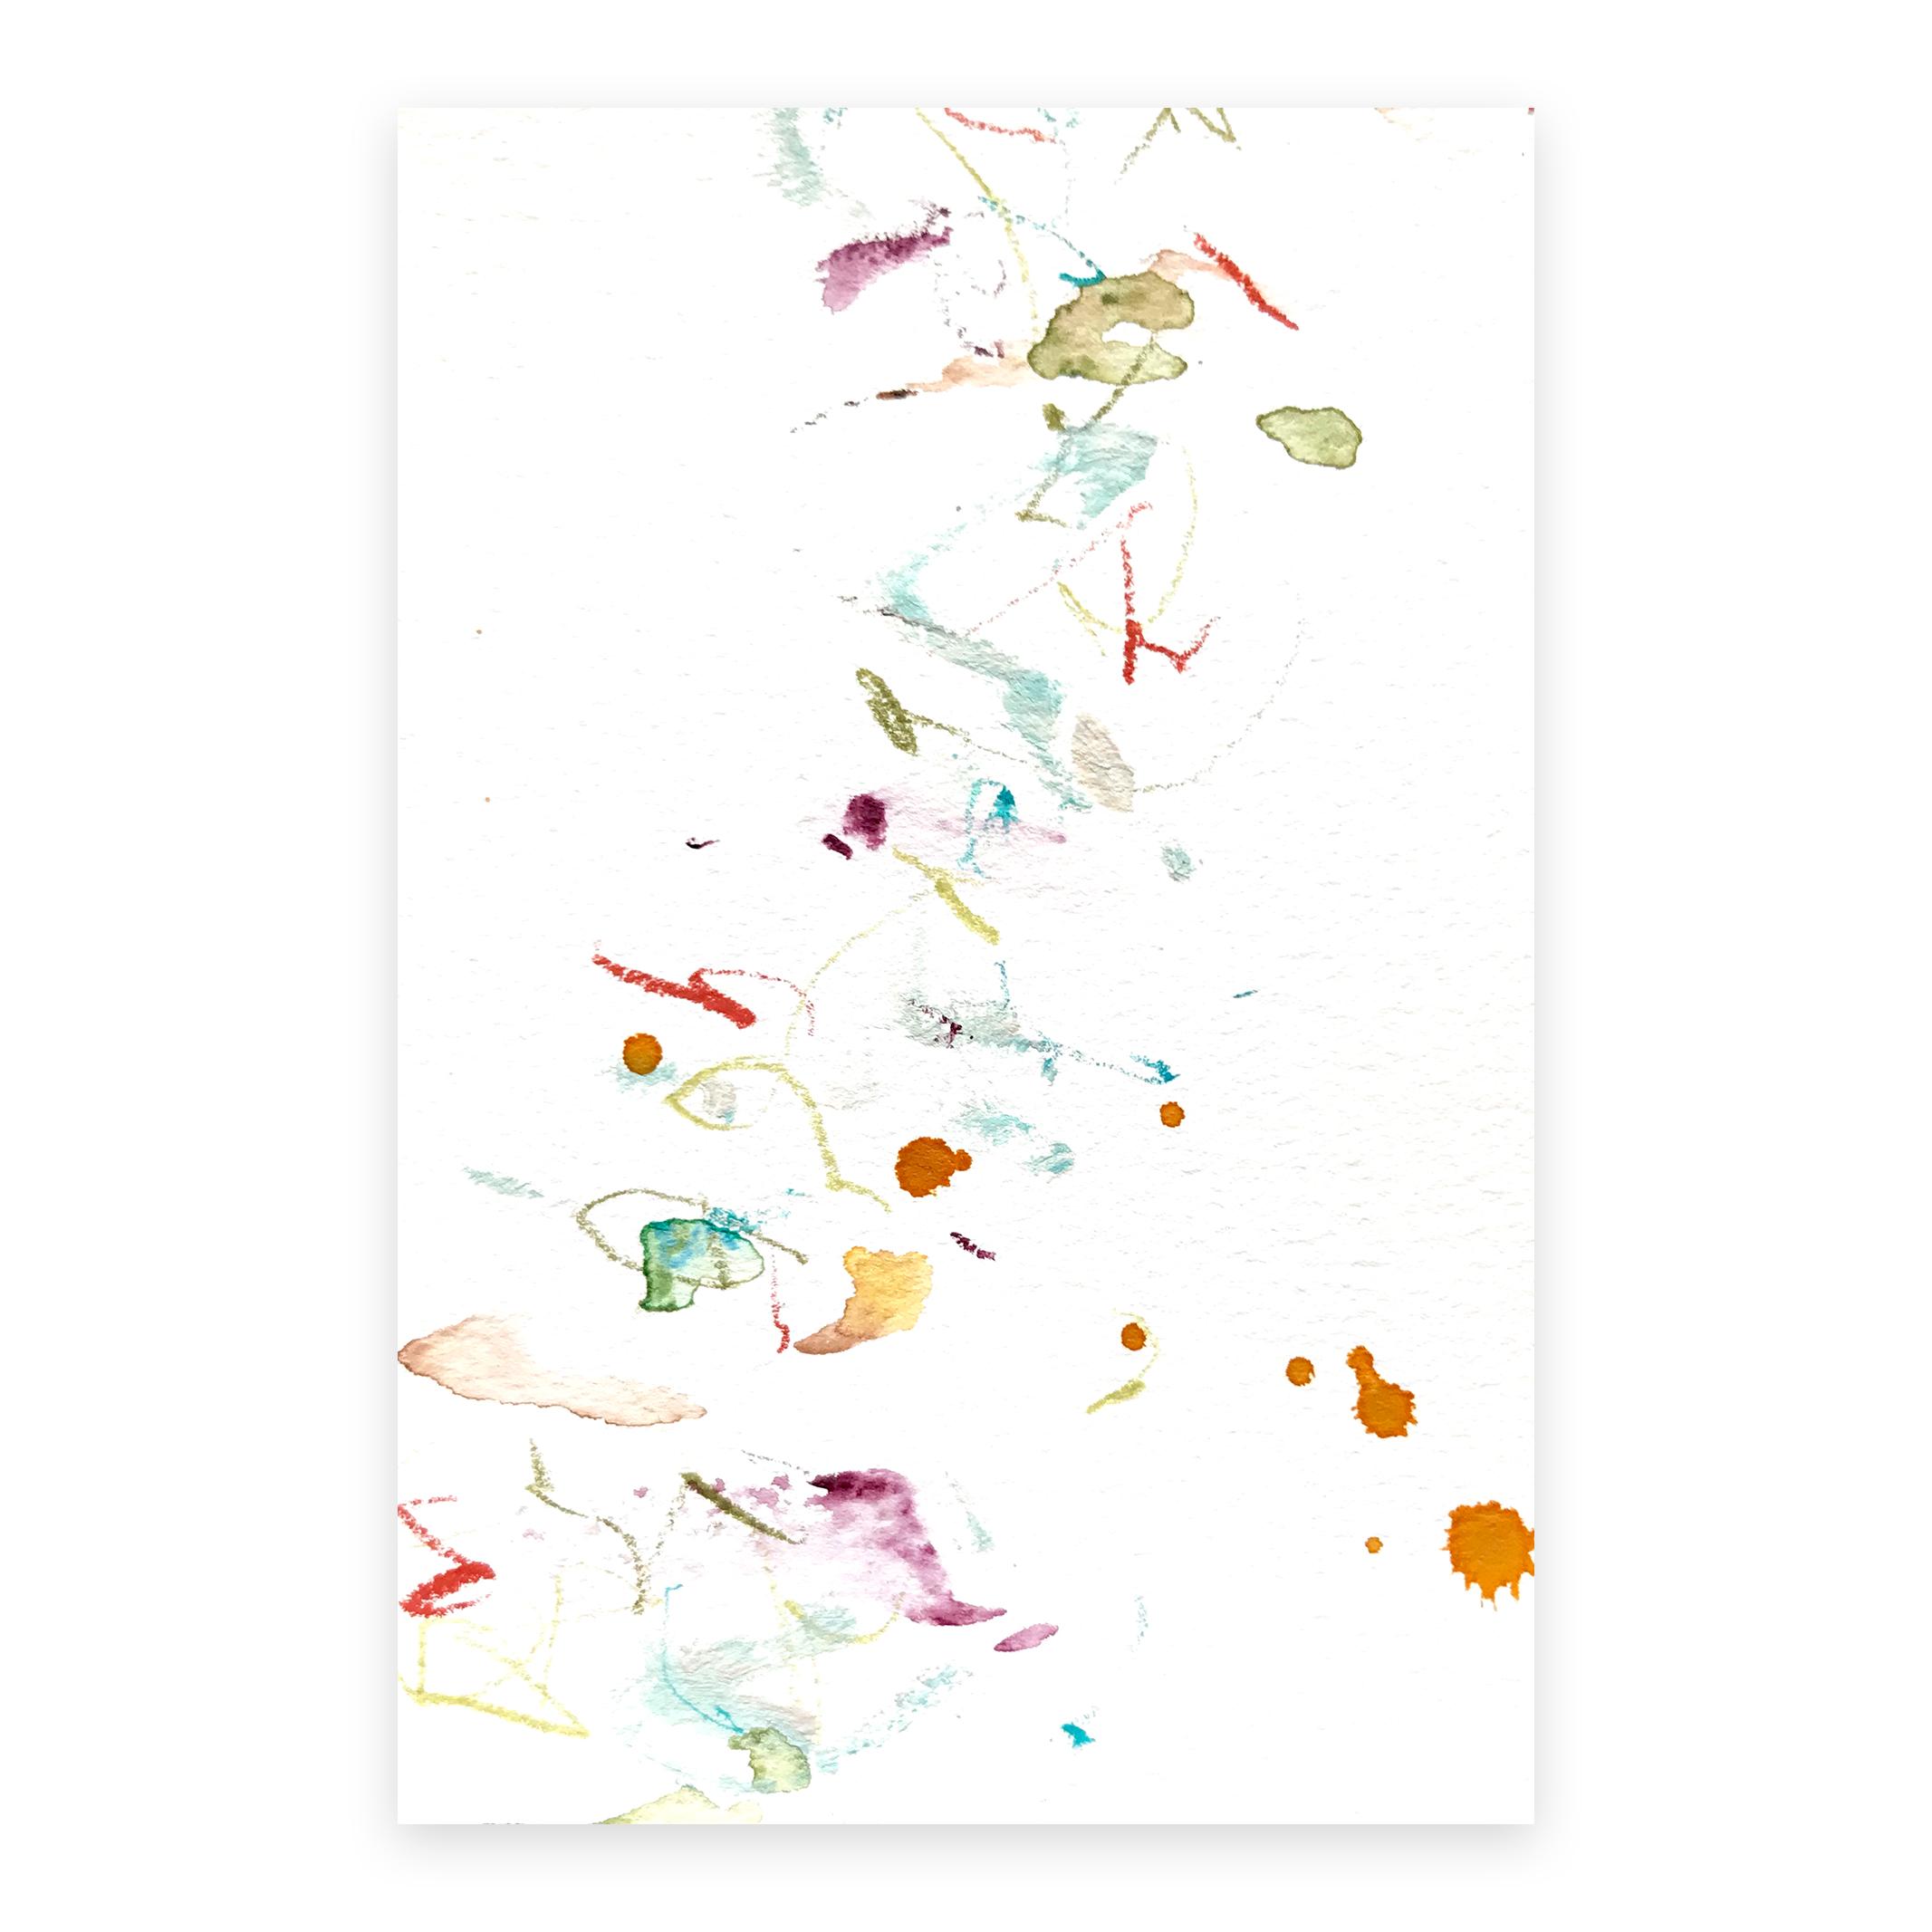 dd_nov25181  Mixed media on paper 14.8×10cm